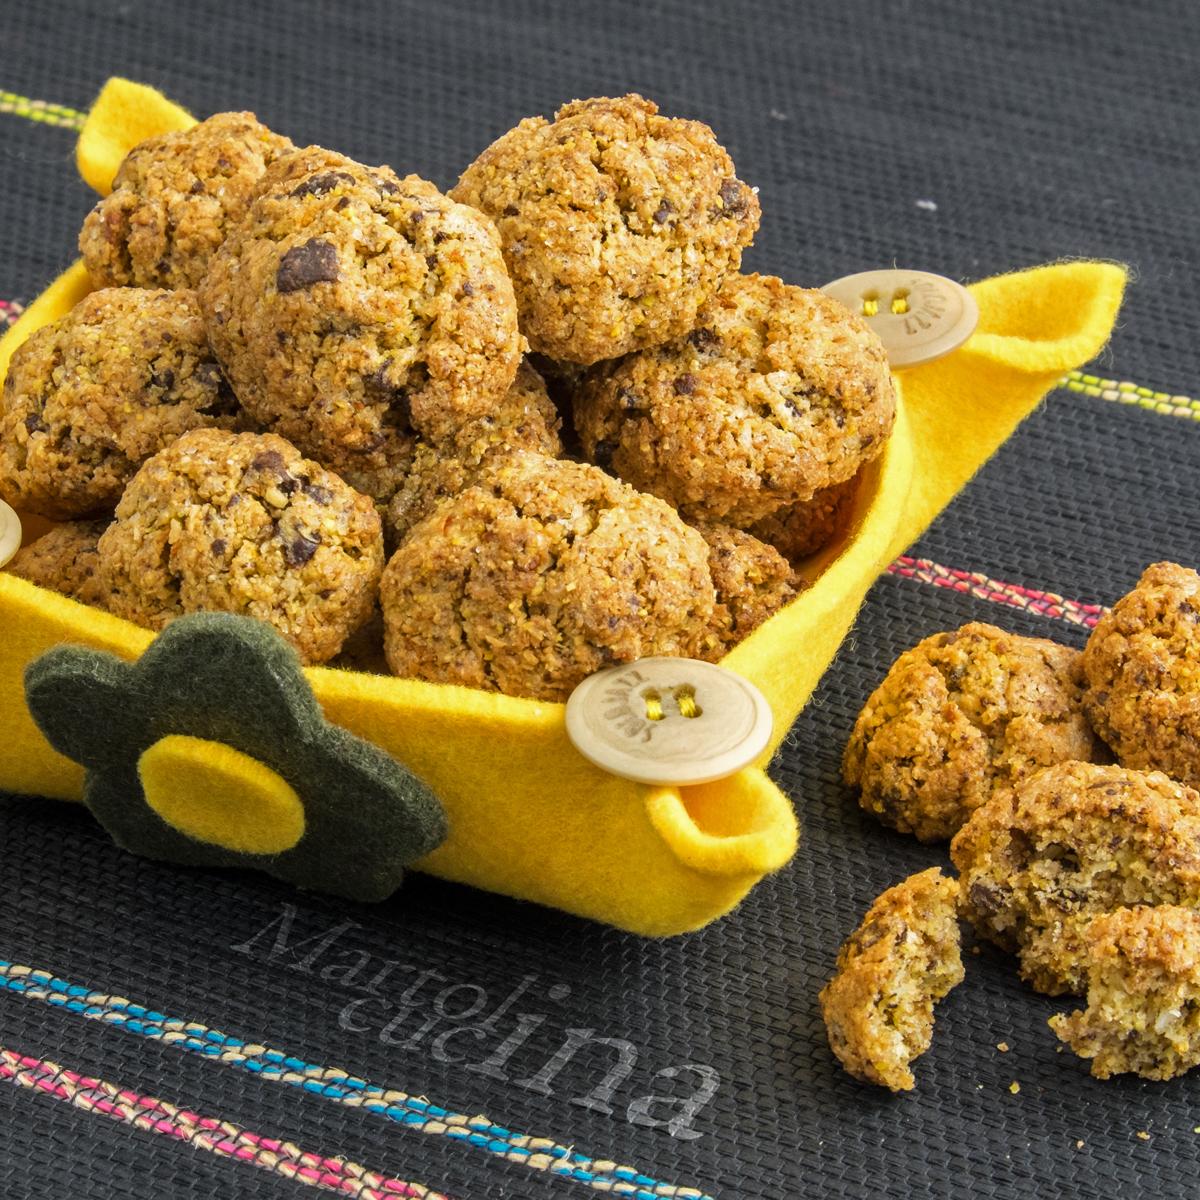 Biscotti-di-mais-cioccolato-cocco-arance-A1200x1200